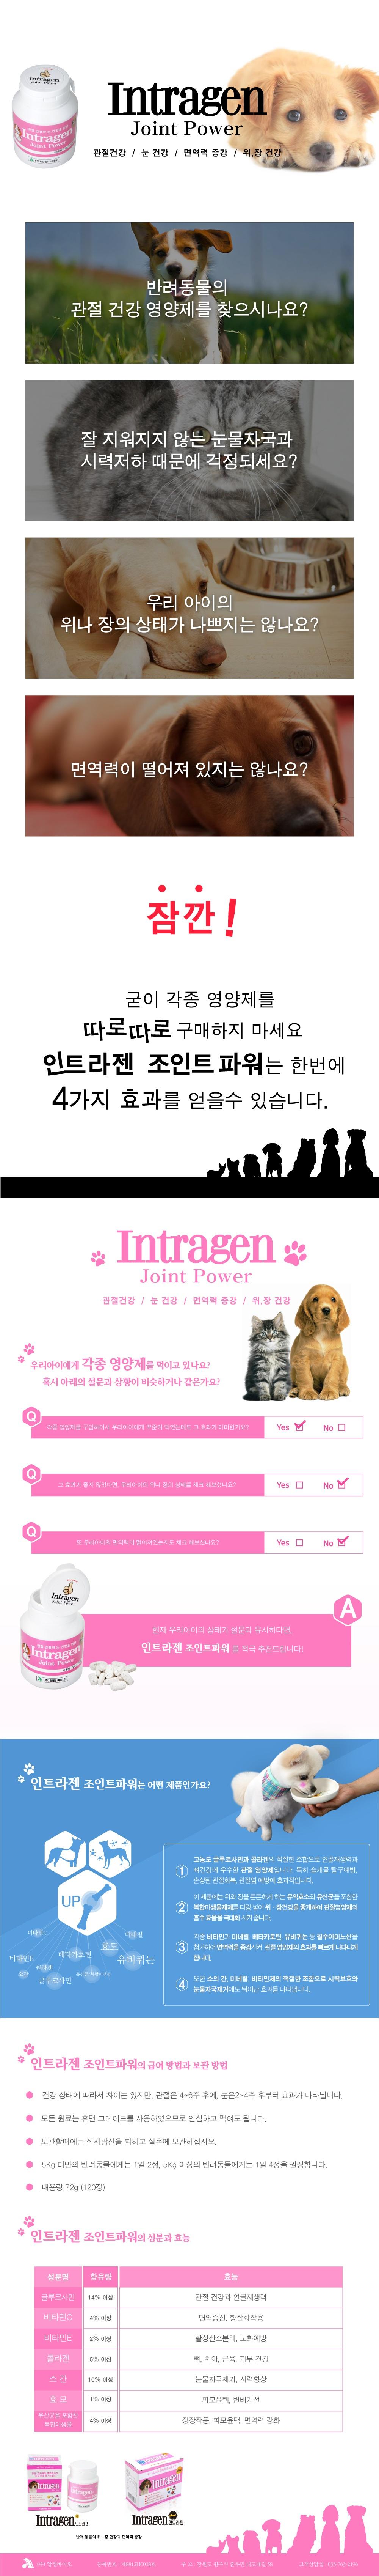 [오구오구특가]인트라젠 조인트 파워 타블렛 (2개세트)-상품이미지-0